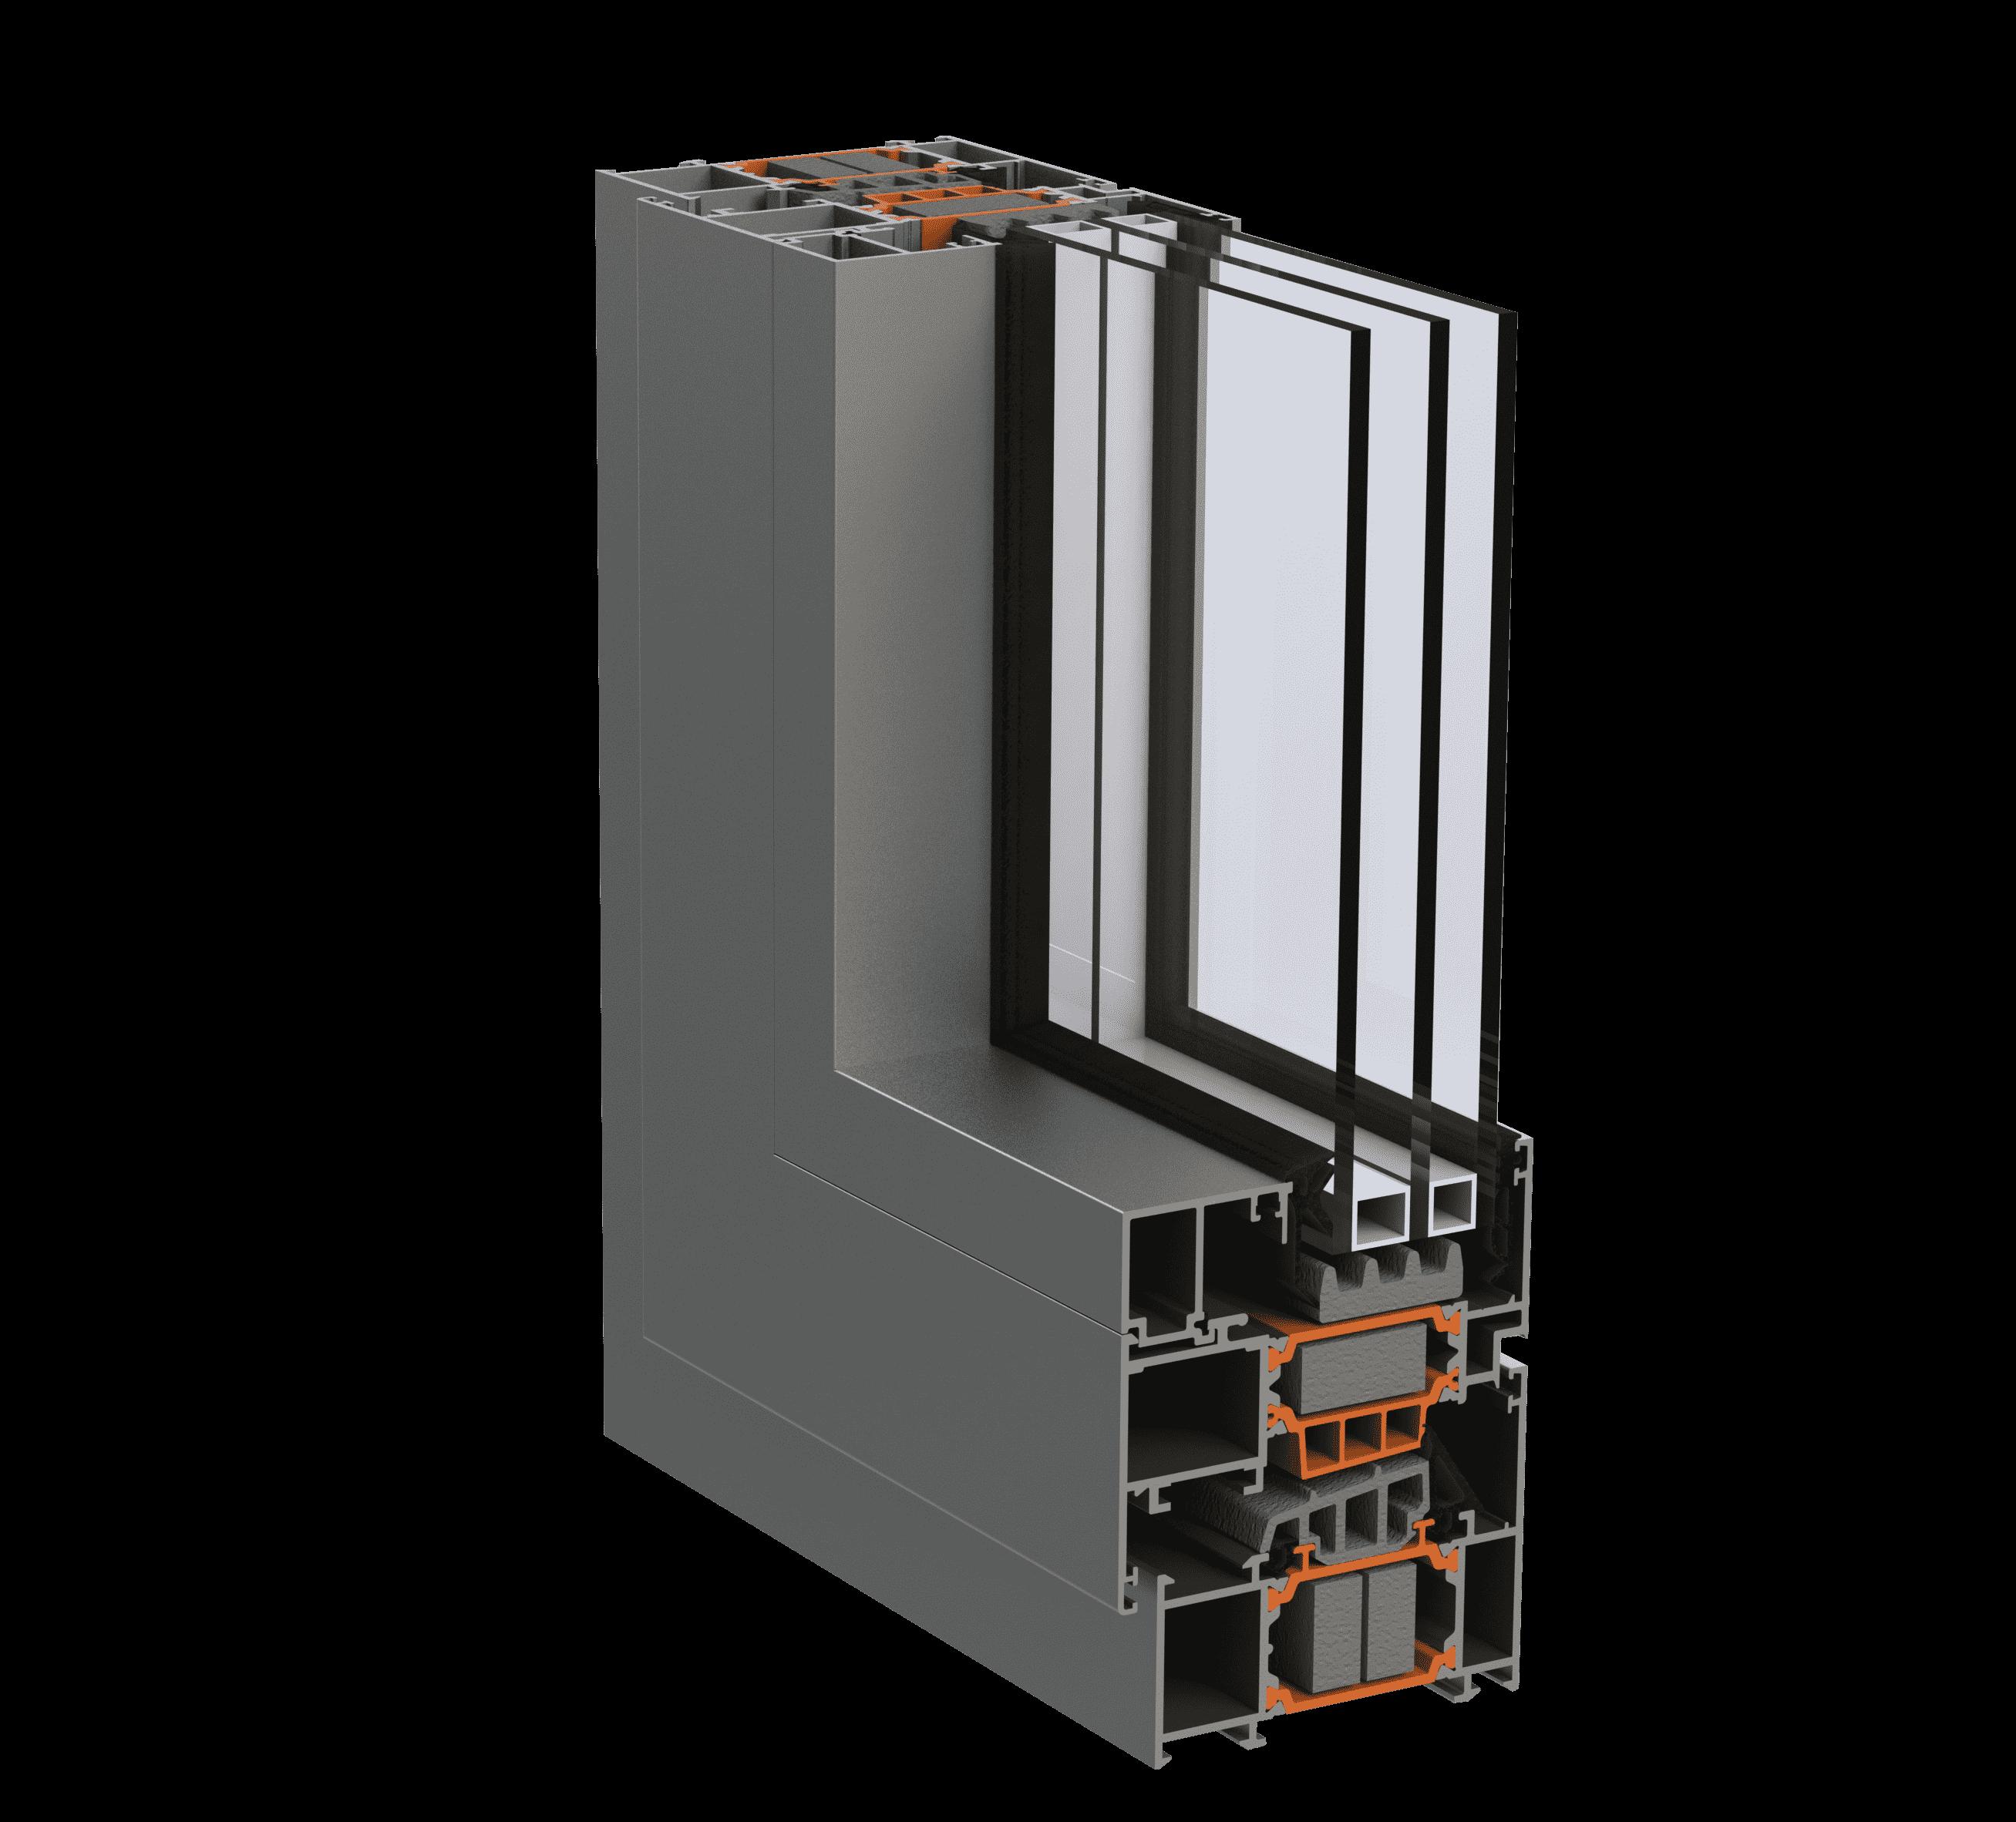 Віконно-дверна алюмінієва система alumil s77 для дилерів EKIPAZH. Вигідні умови для дилерства